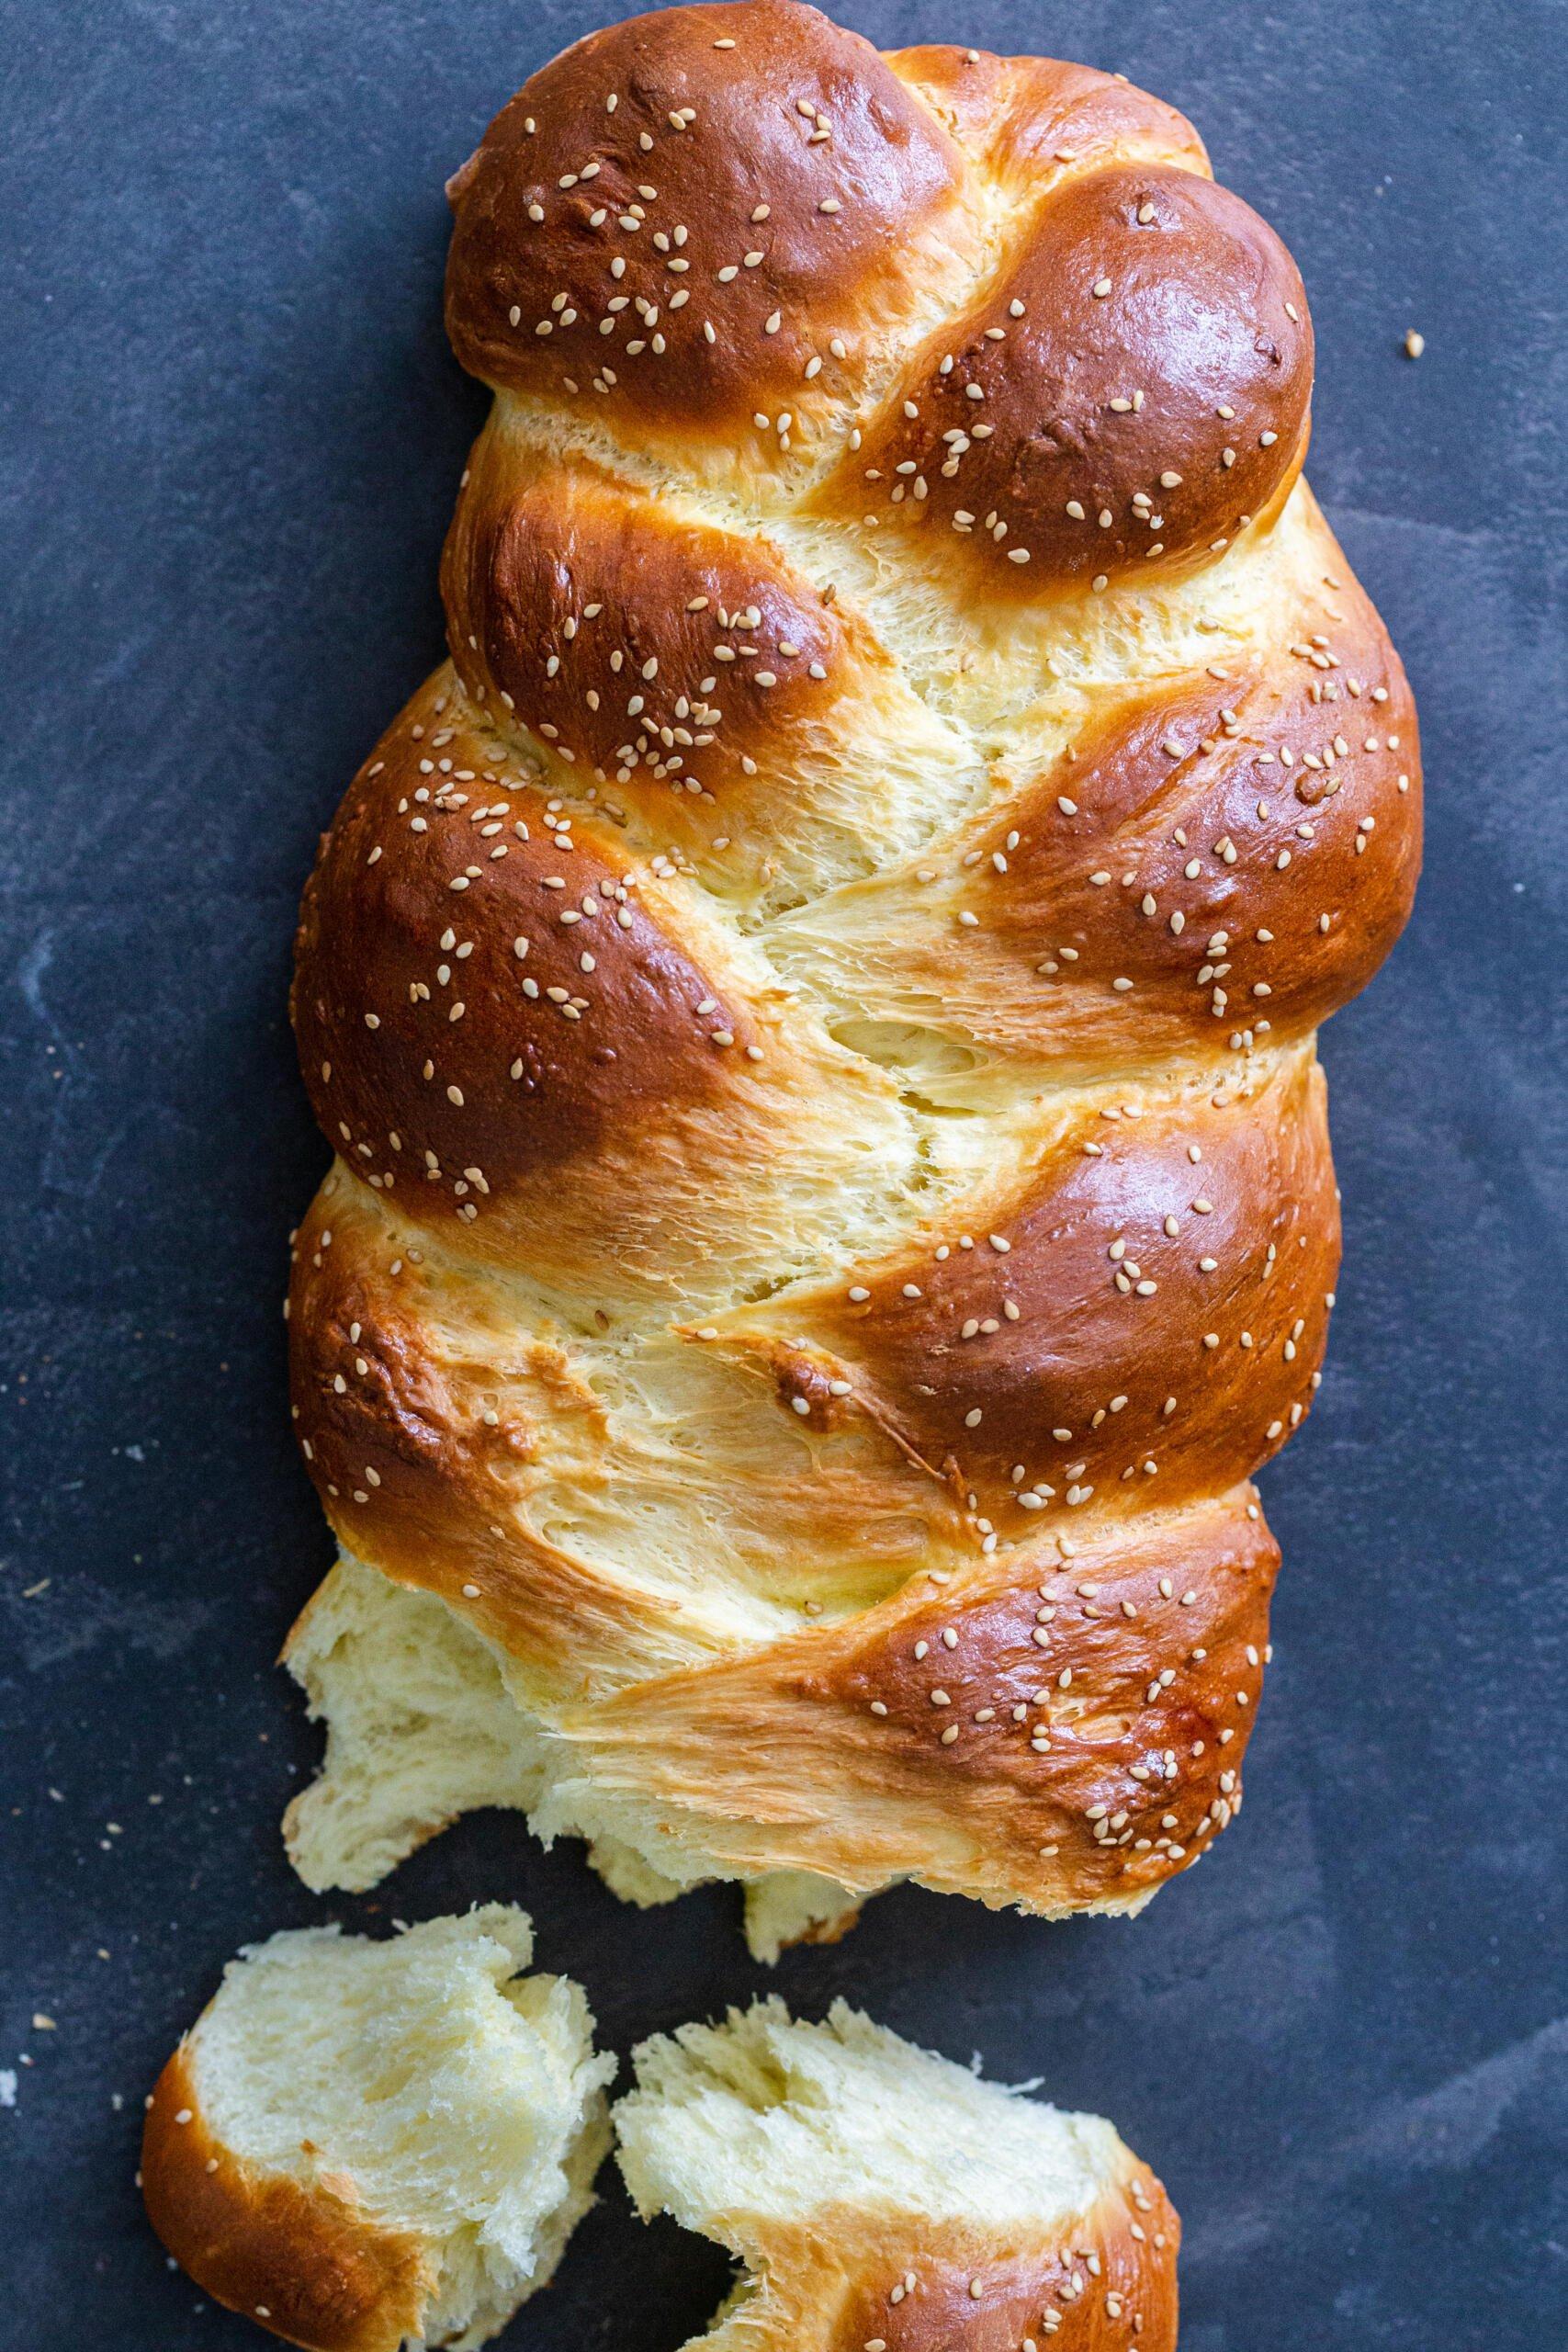 Brioche bread broken apart